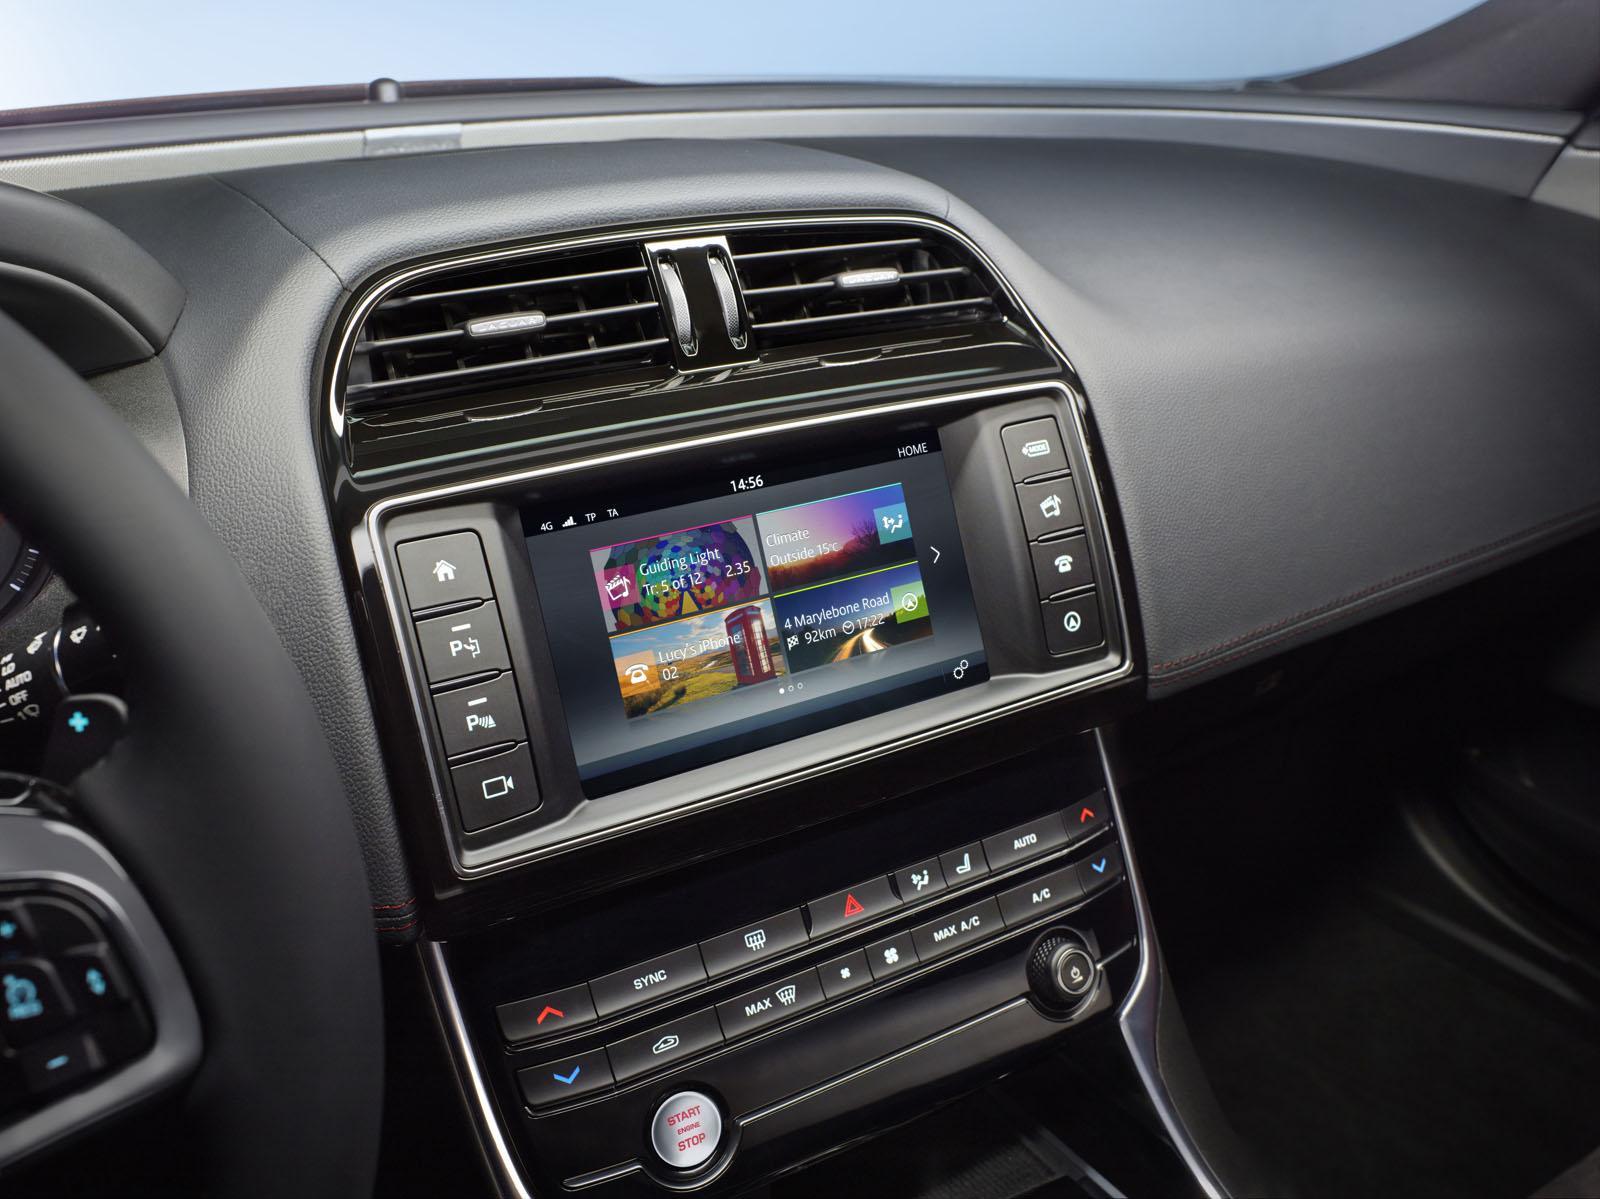 Jaguar XE InControl infotainment system official image